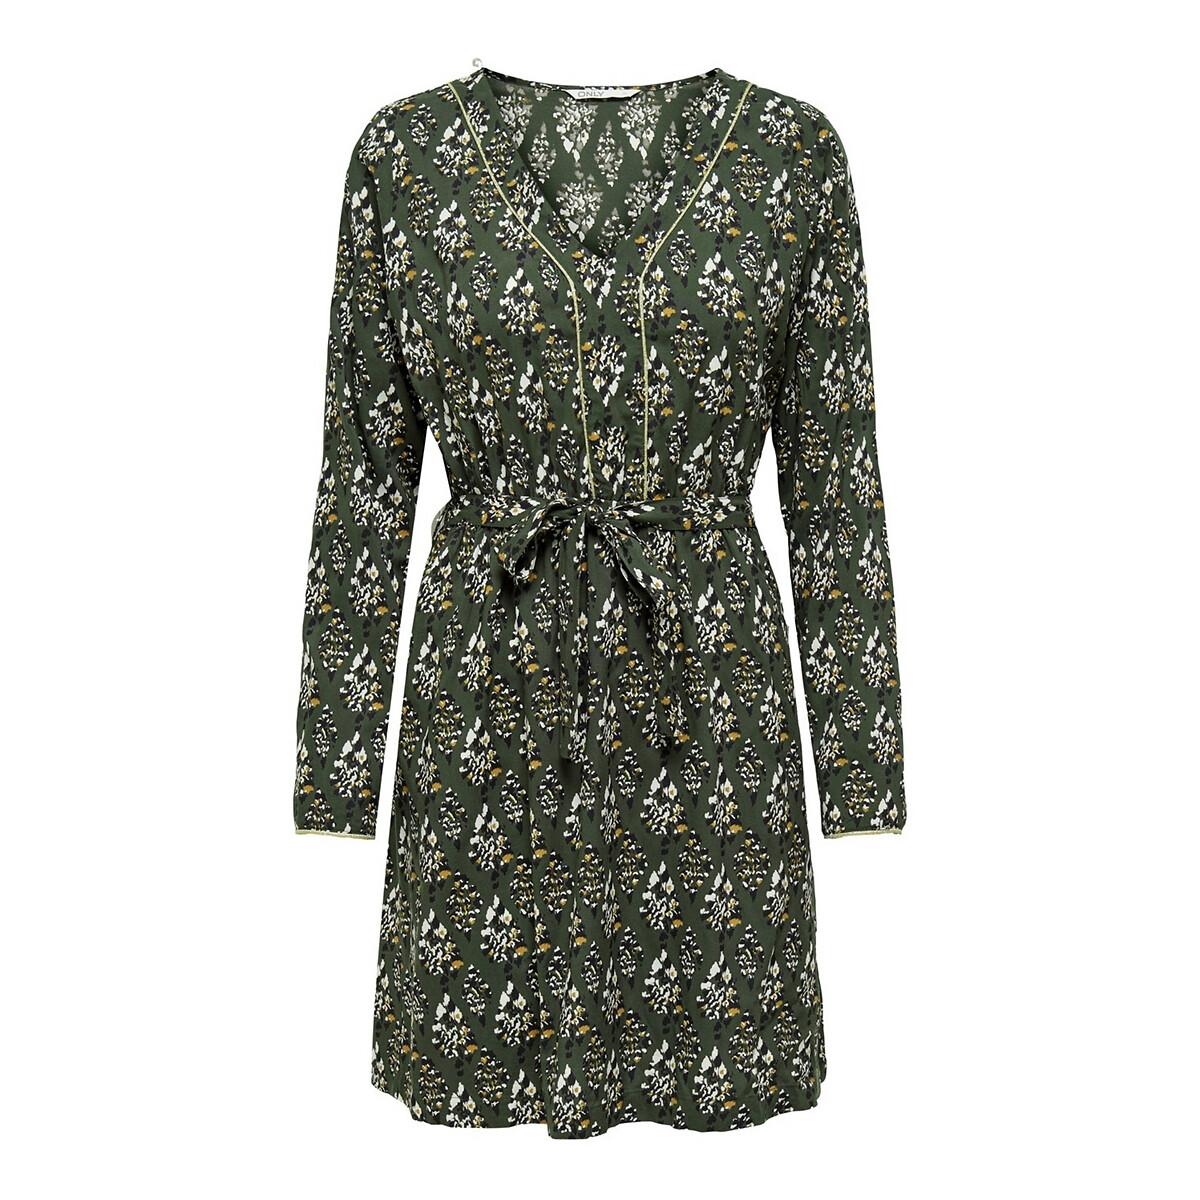 Платье LaRedoute Короткое с принтом с завязками 40 (FR) - 46 (RUS) зеленый юбка laredoute длинная асимметричная с принтом 42 fr 48 rus зеленый